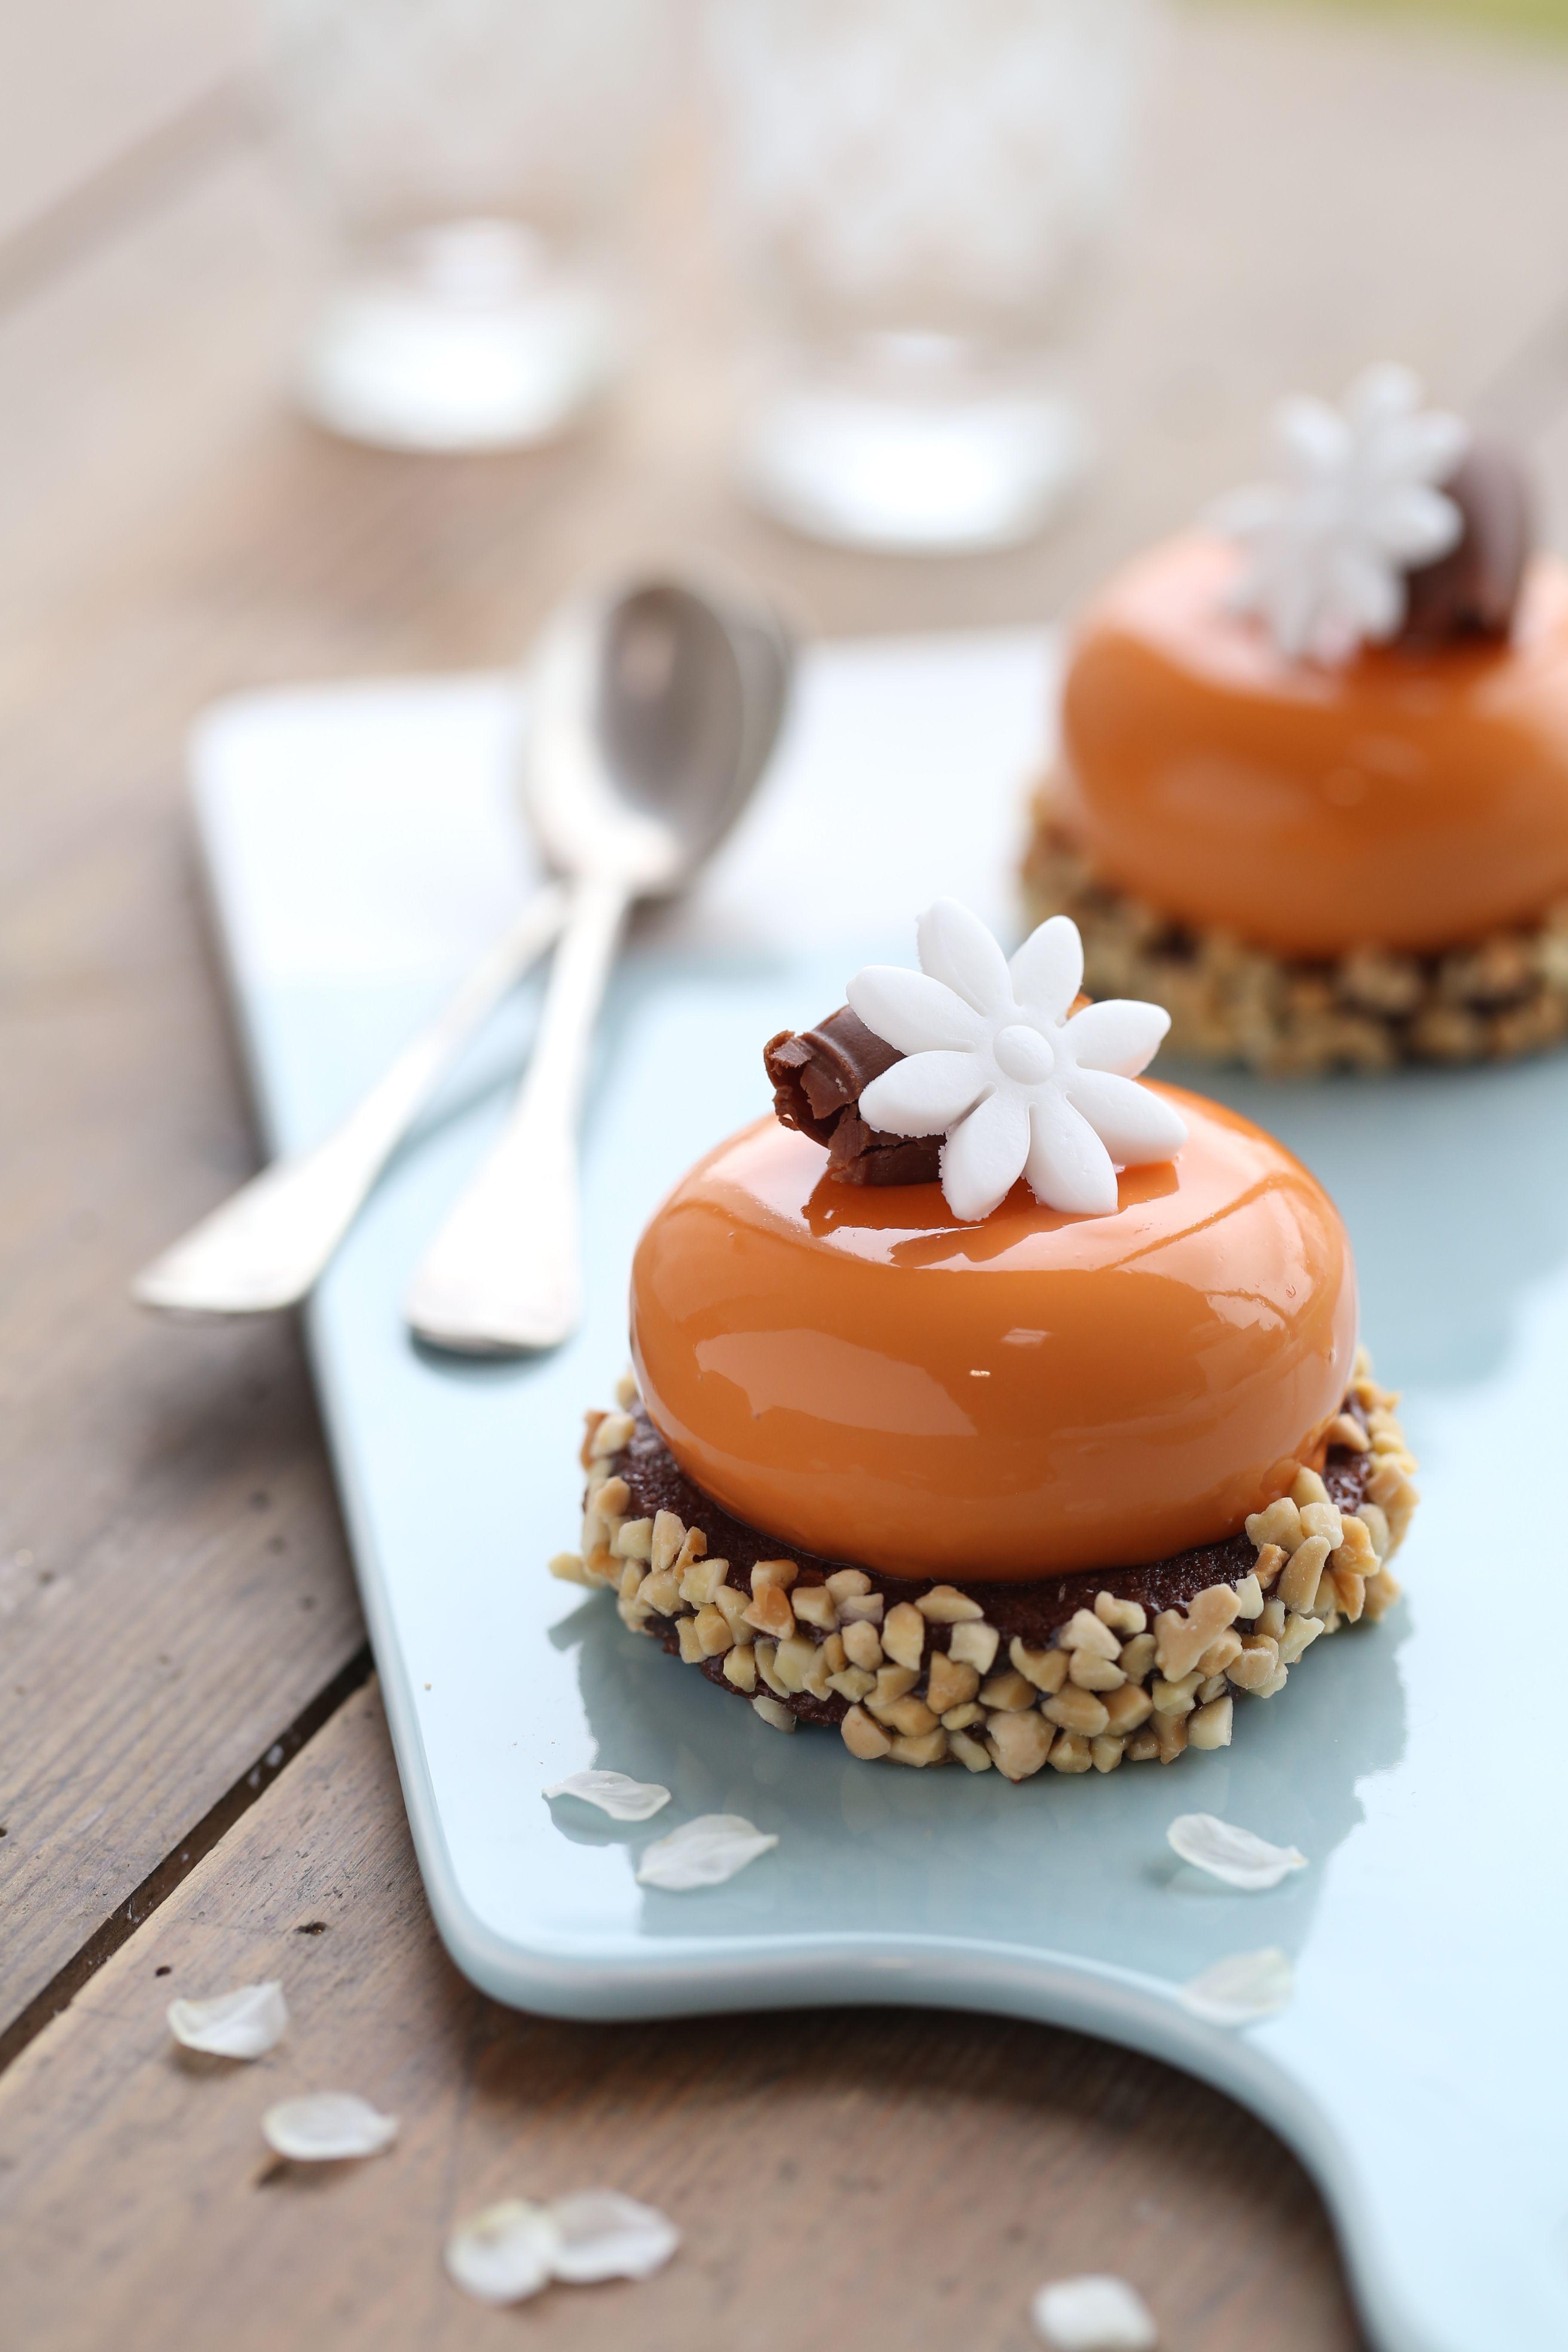 Roussillon : biscuit madeleine chocolat, crémeux d'amande, coulis abricot, mousse gianduja et glaçage abricot #biscuitmadeleine Roussillon : biscuit madeleine chocolat, crémeux d'amande, coulis abricot, mousse gianduja et glaçage abricot #biscuitmadeleine